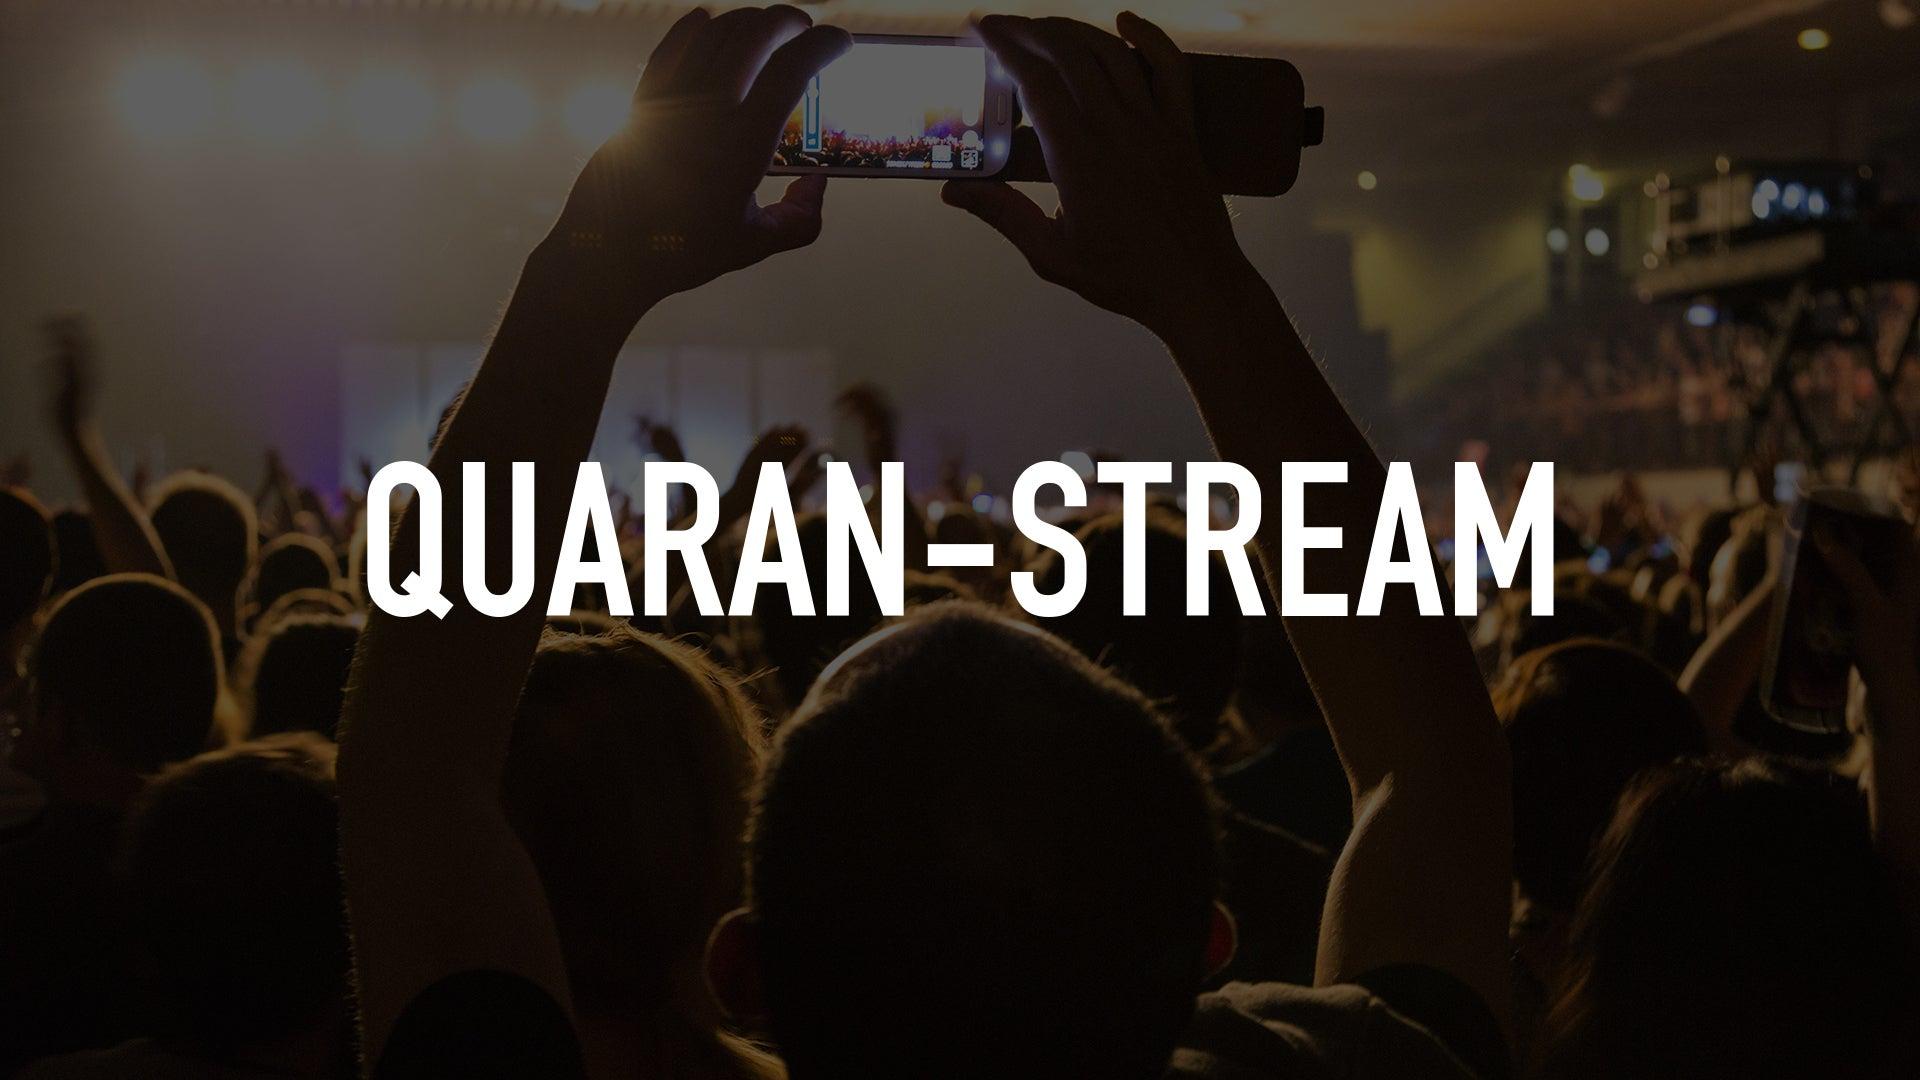 Quaran-stream